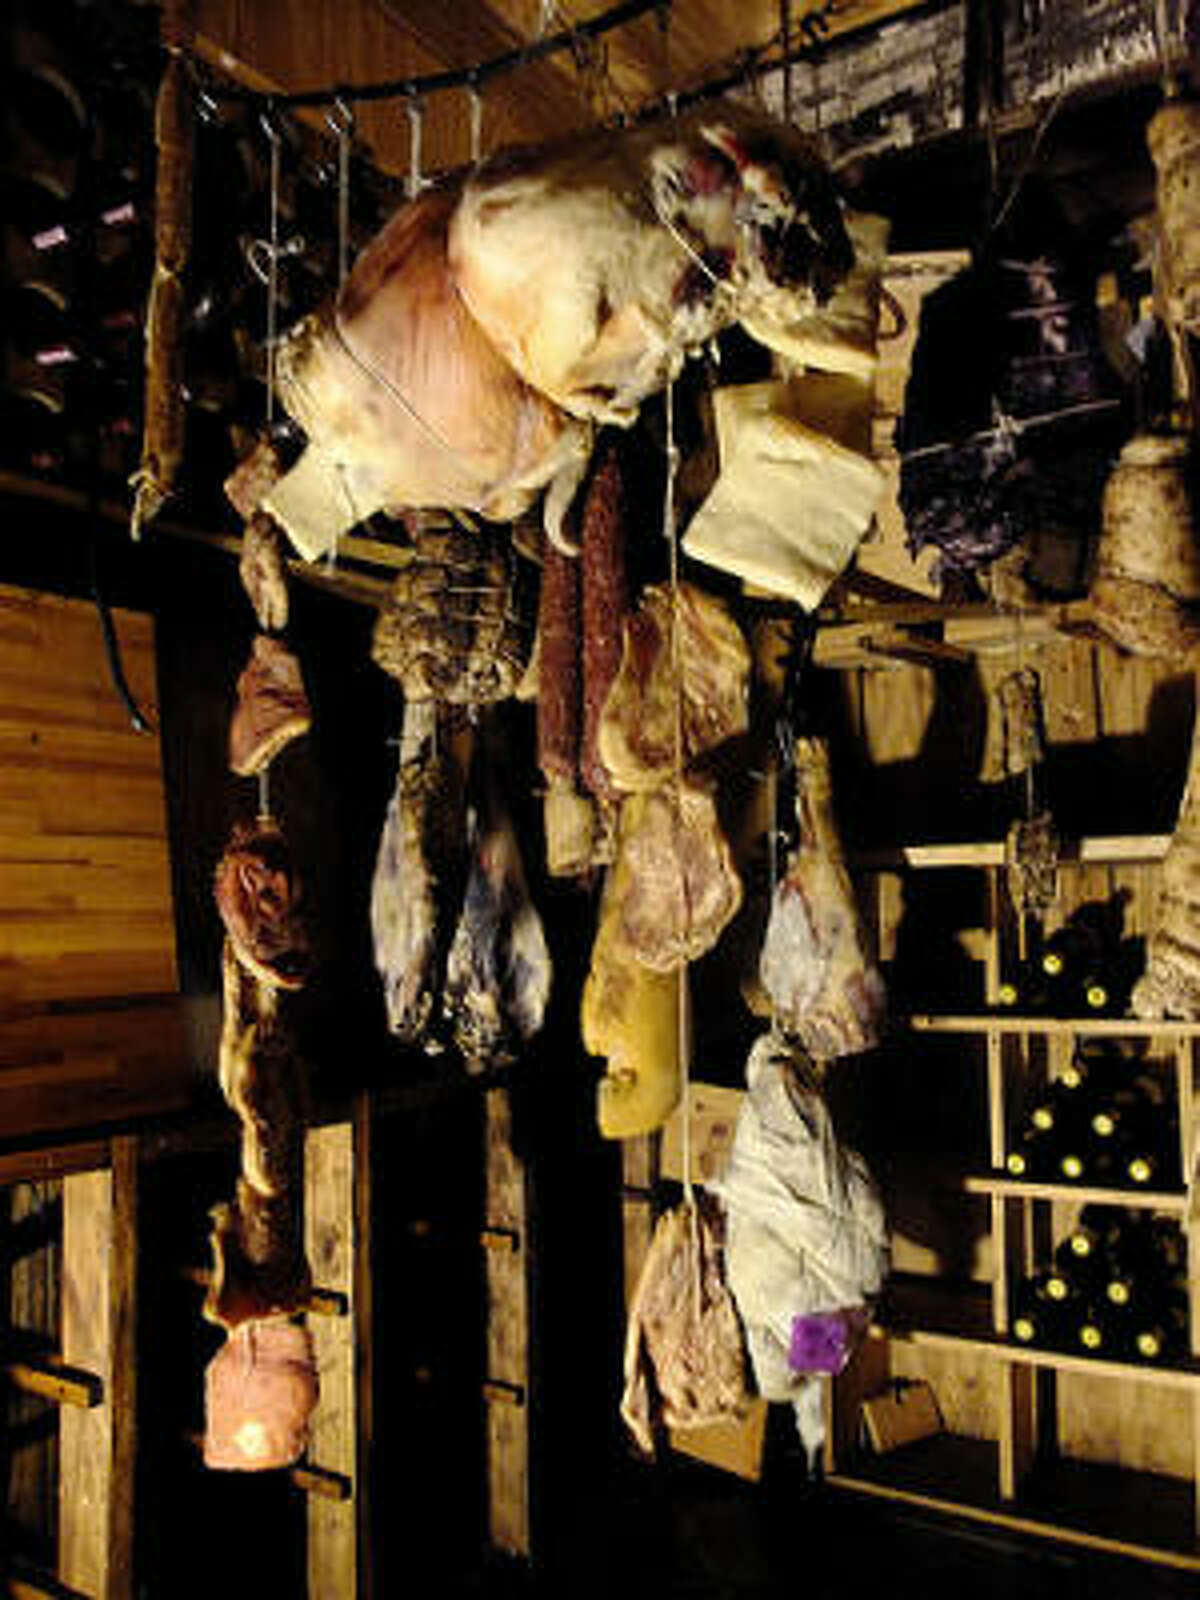 Sausage Room, Feast